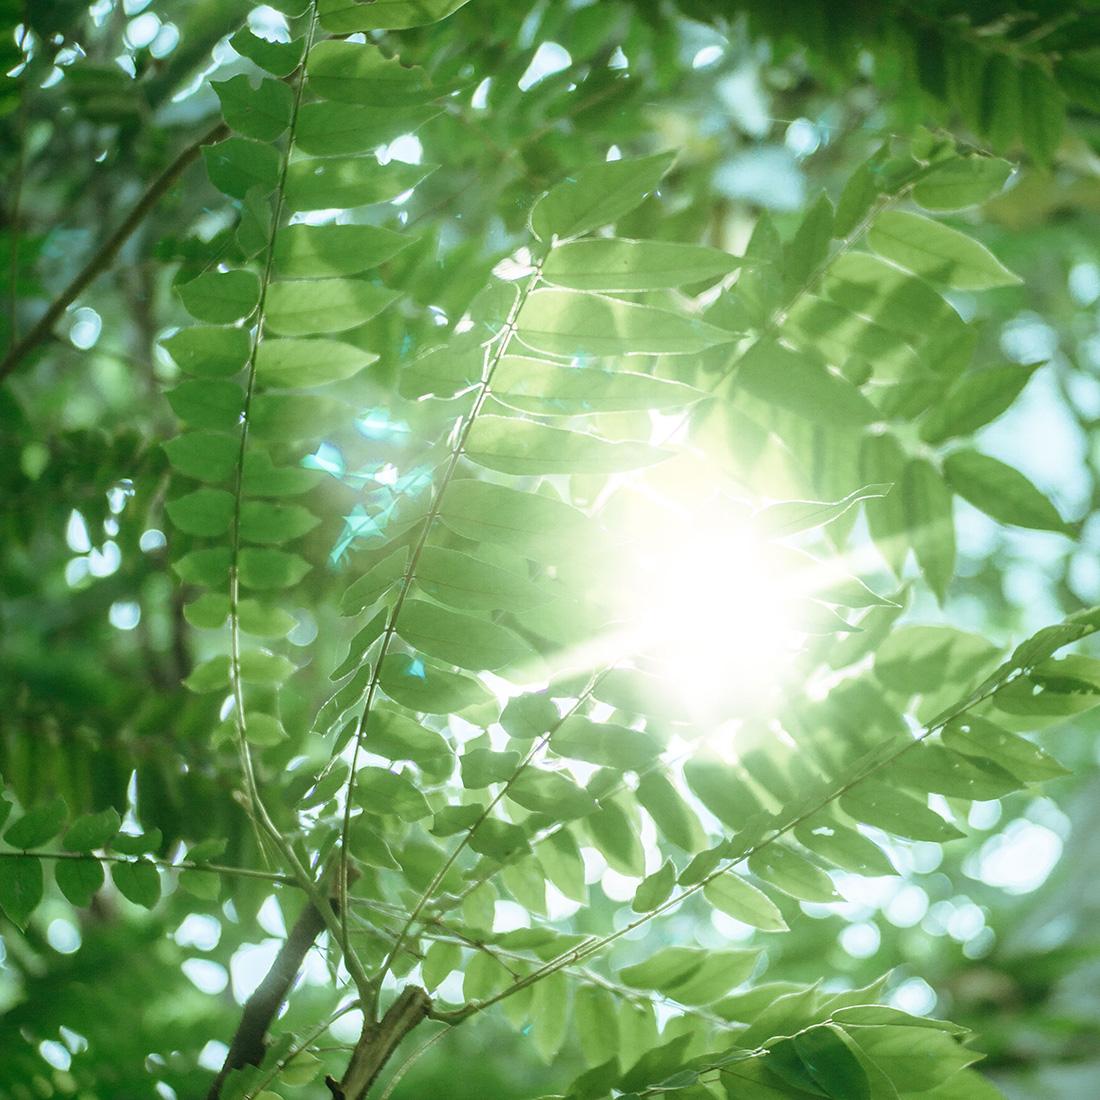 Krankheiten besprechen - Sonne scheint durch grünes Laub